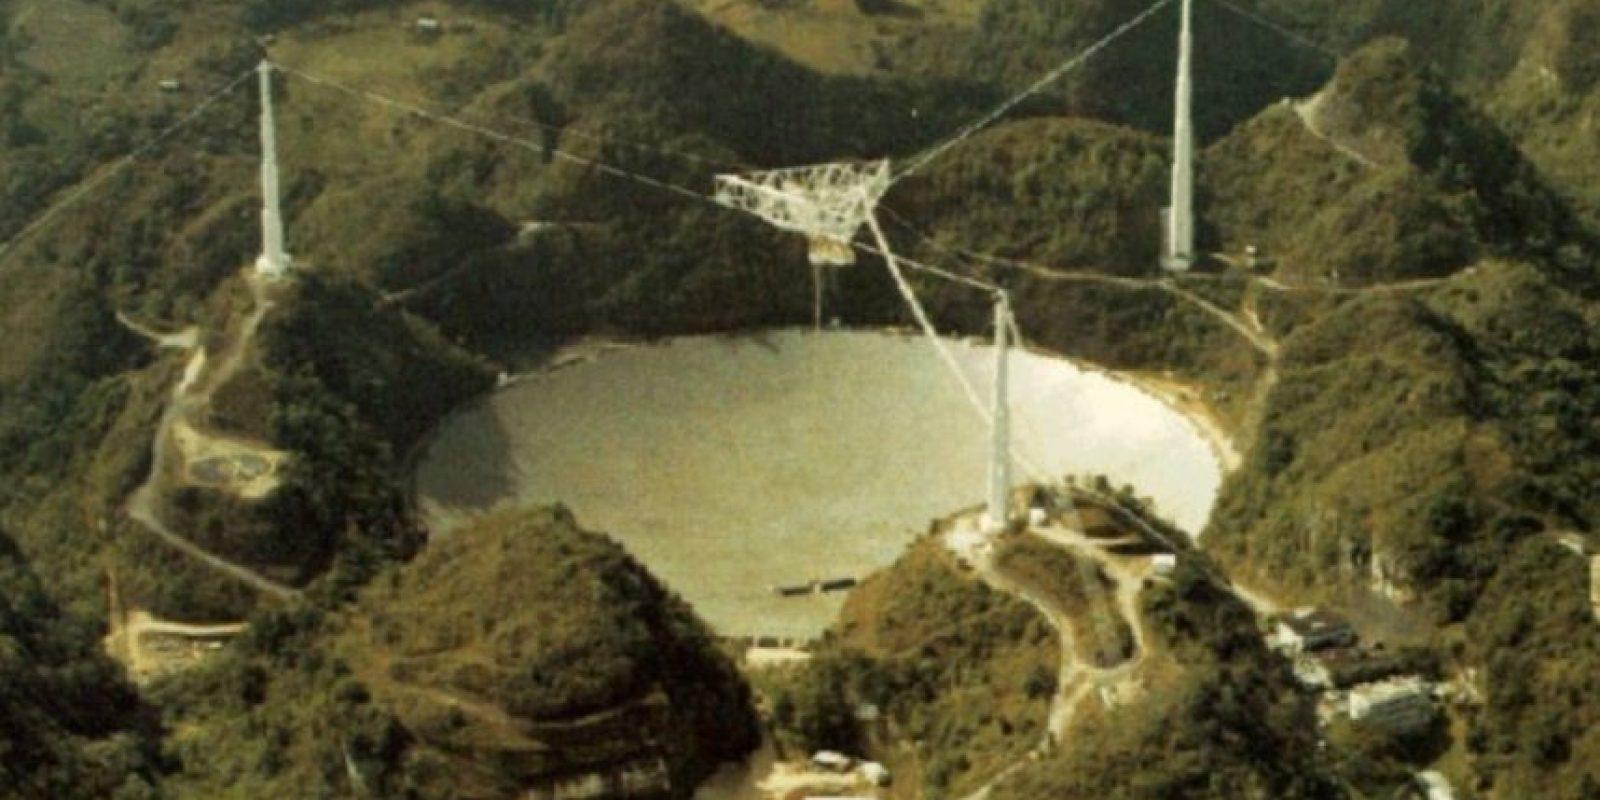 Se espera que el Telescopio de Apertura Esférica de 500 metros (FAST) esté terminado en 2016. El reflector del telescopio tendrá 500 metros de diámetro superando al que se ubica en Arecibo, Puerto Rico, que tiene 200 metros de diámetro. Foto:Twitter @_FaisalArief